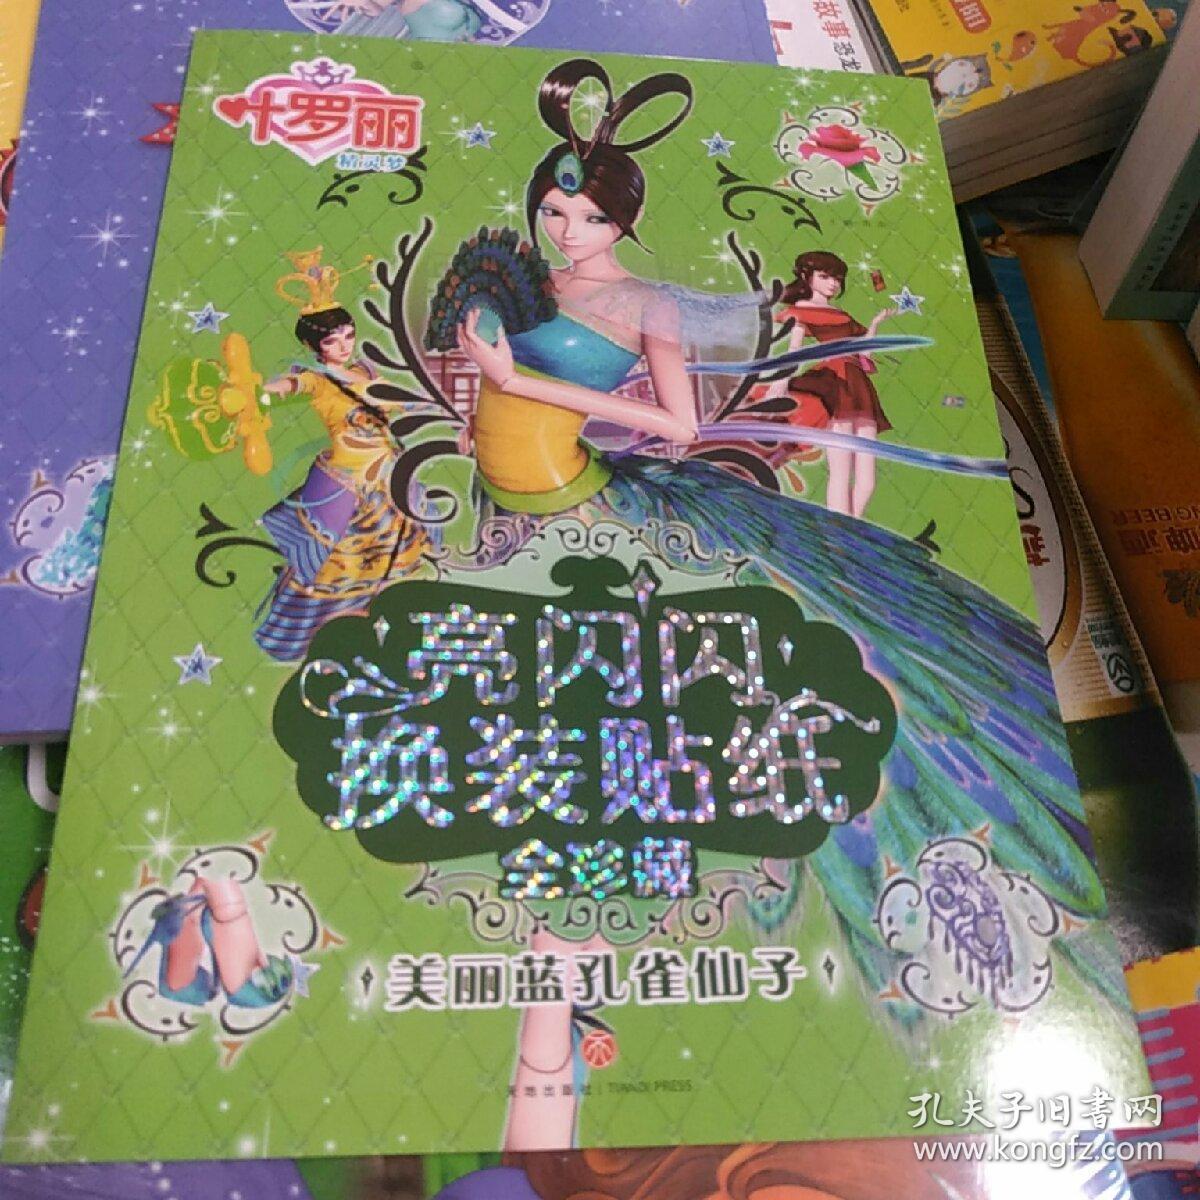 叶罗丽精灵梦亮闪闪换装贴纸全珍藏:美丽蓝孔雀仙子图片